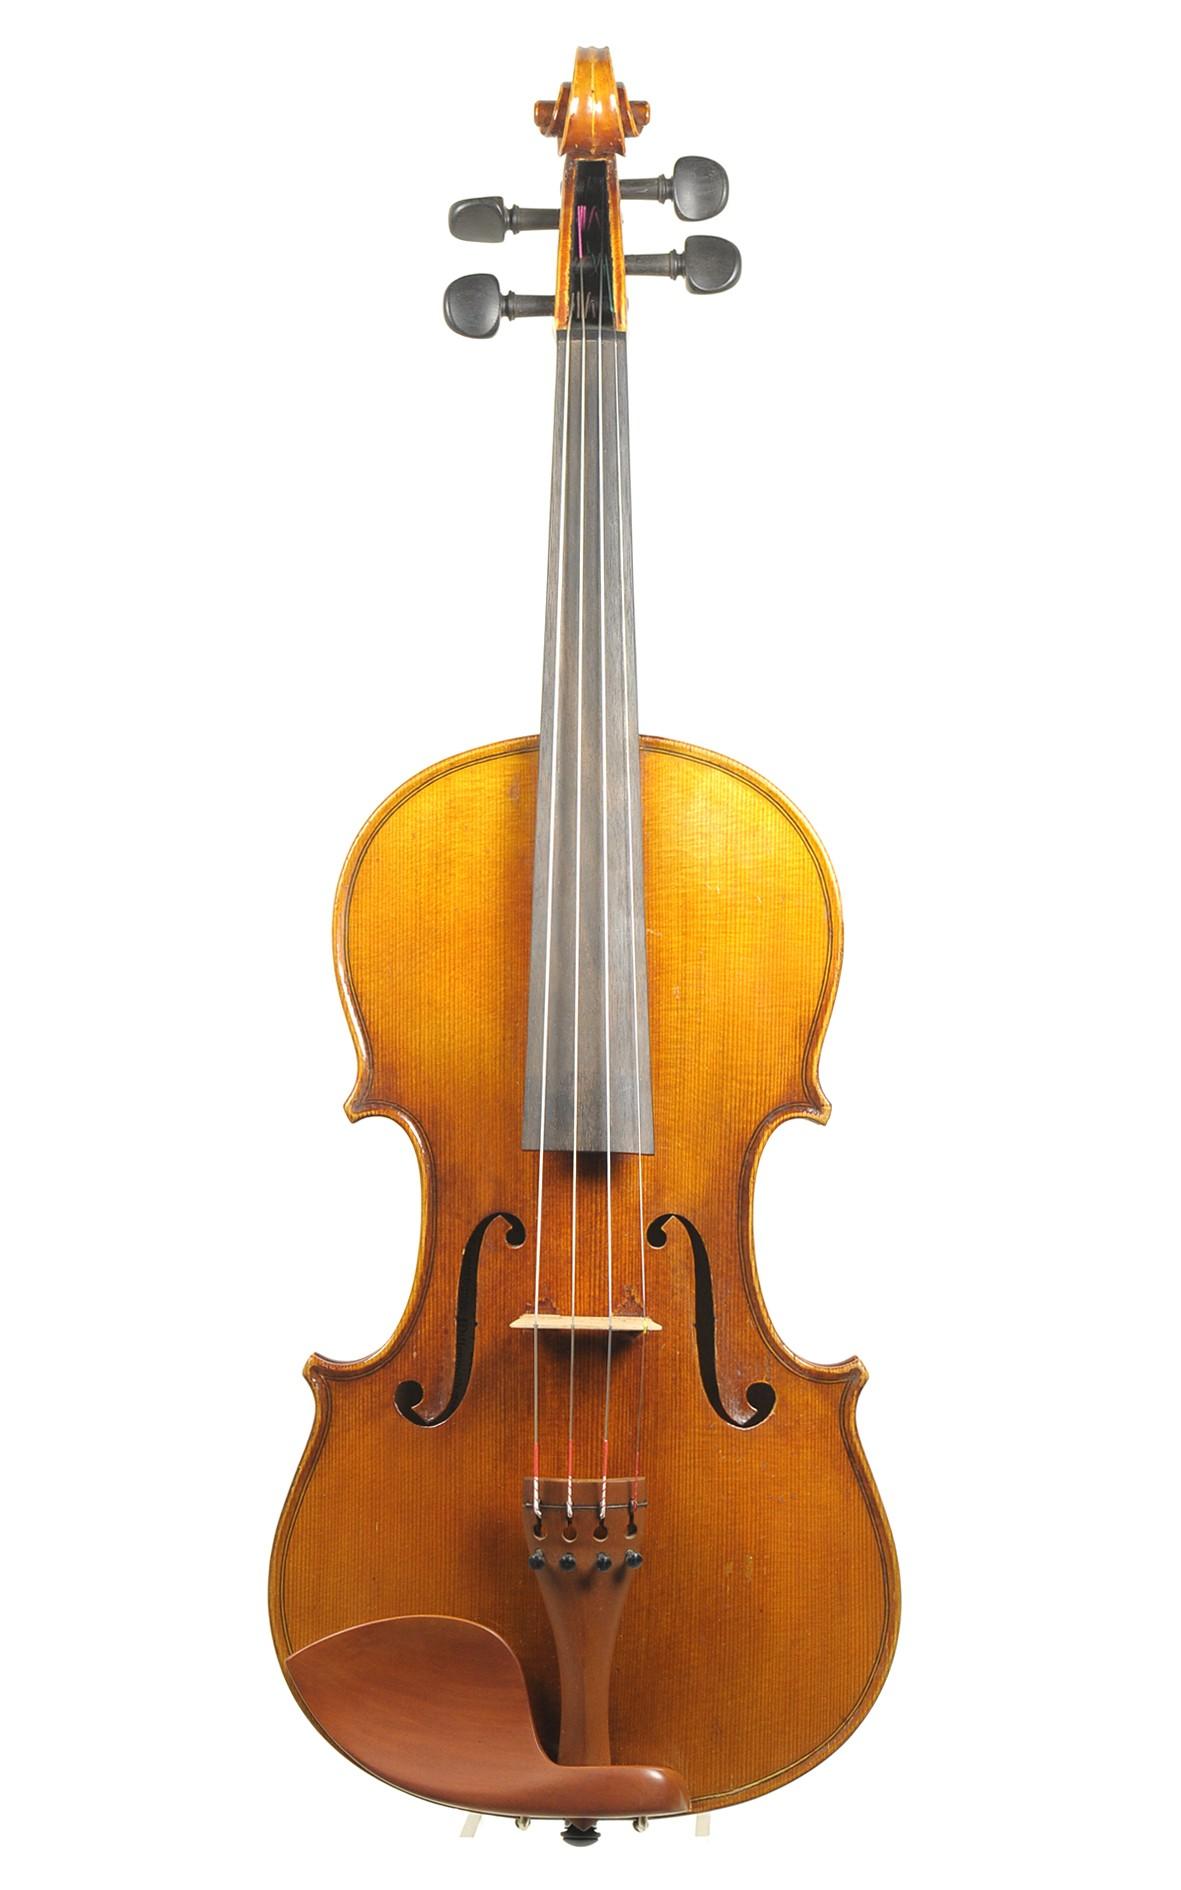 Geige von Josef Rieger, 1927, Mittenwald